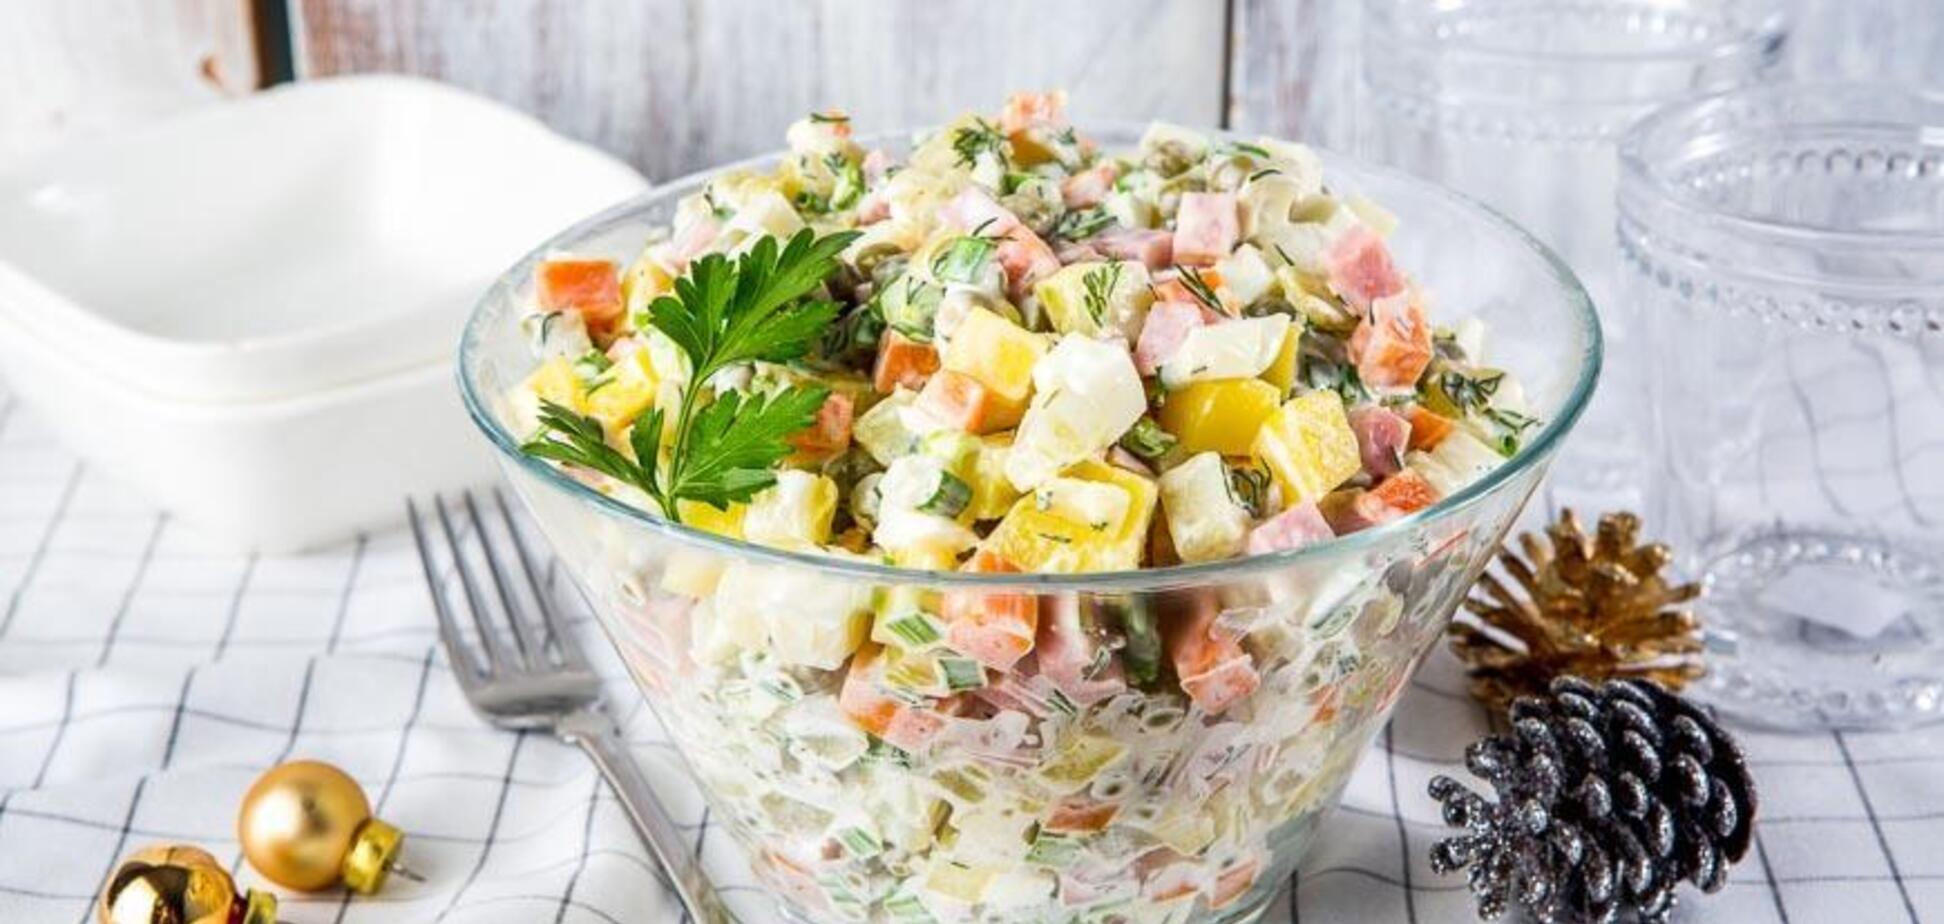 Як приготувати класичний салат олів'є: кращий рецепт